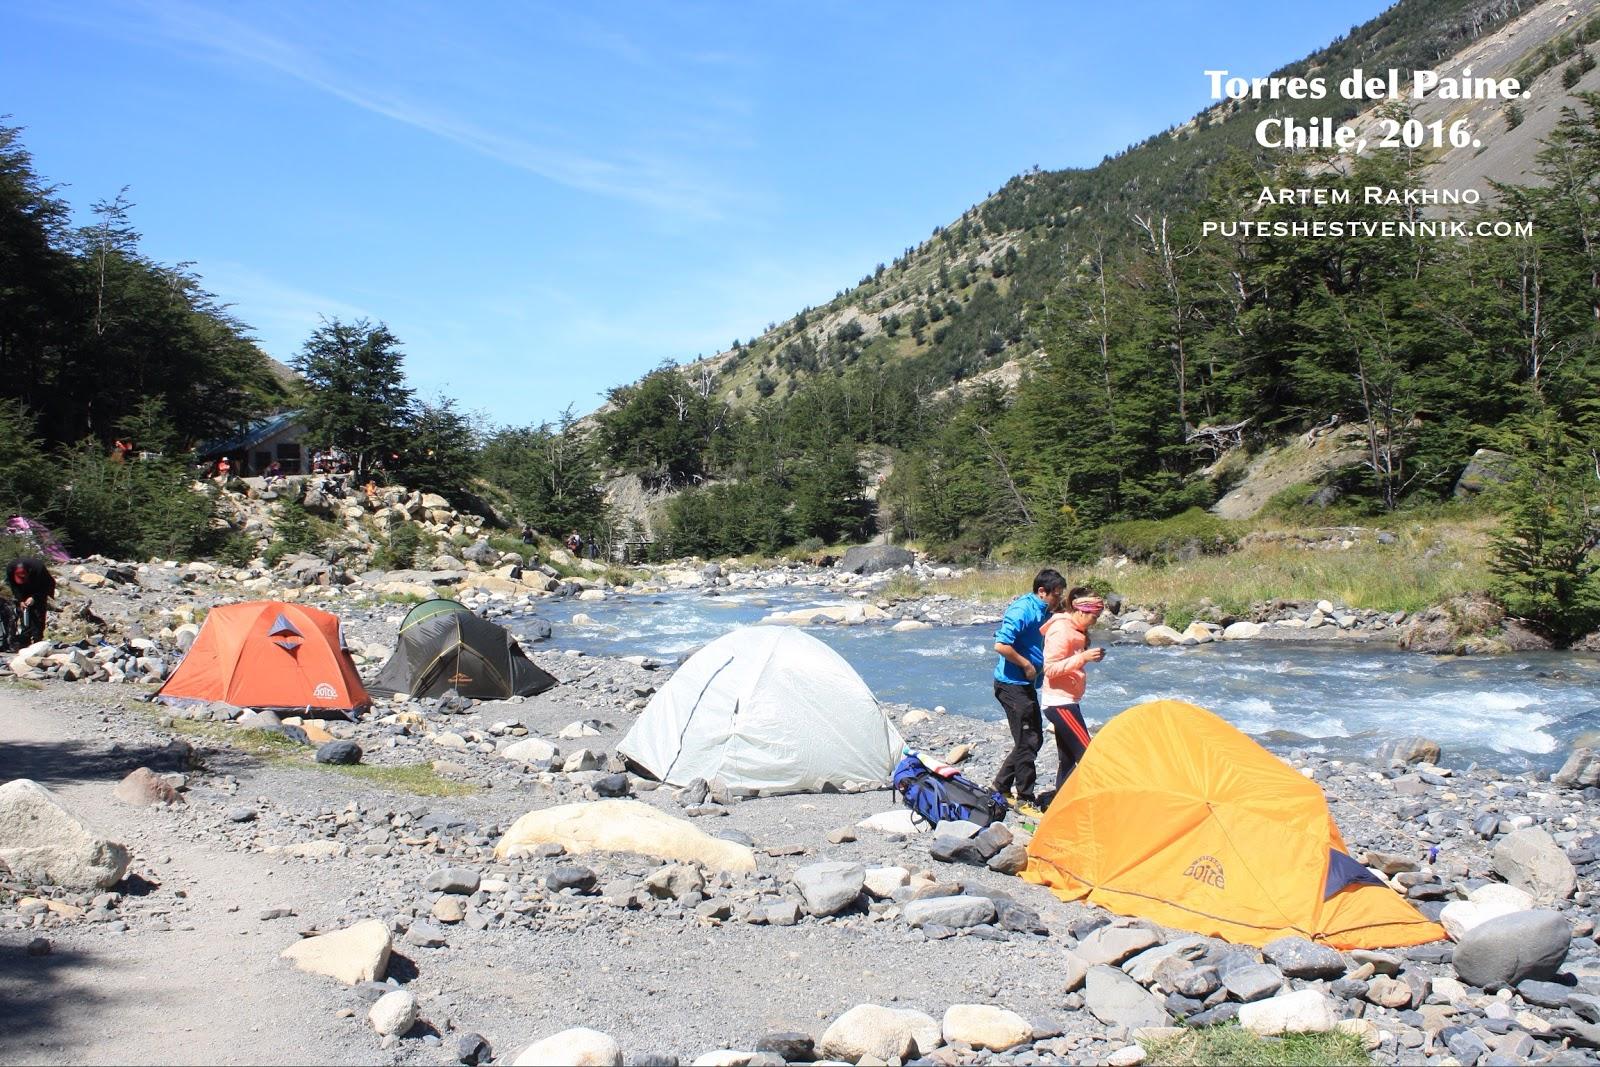 Палатки на камнях берега реки